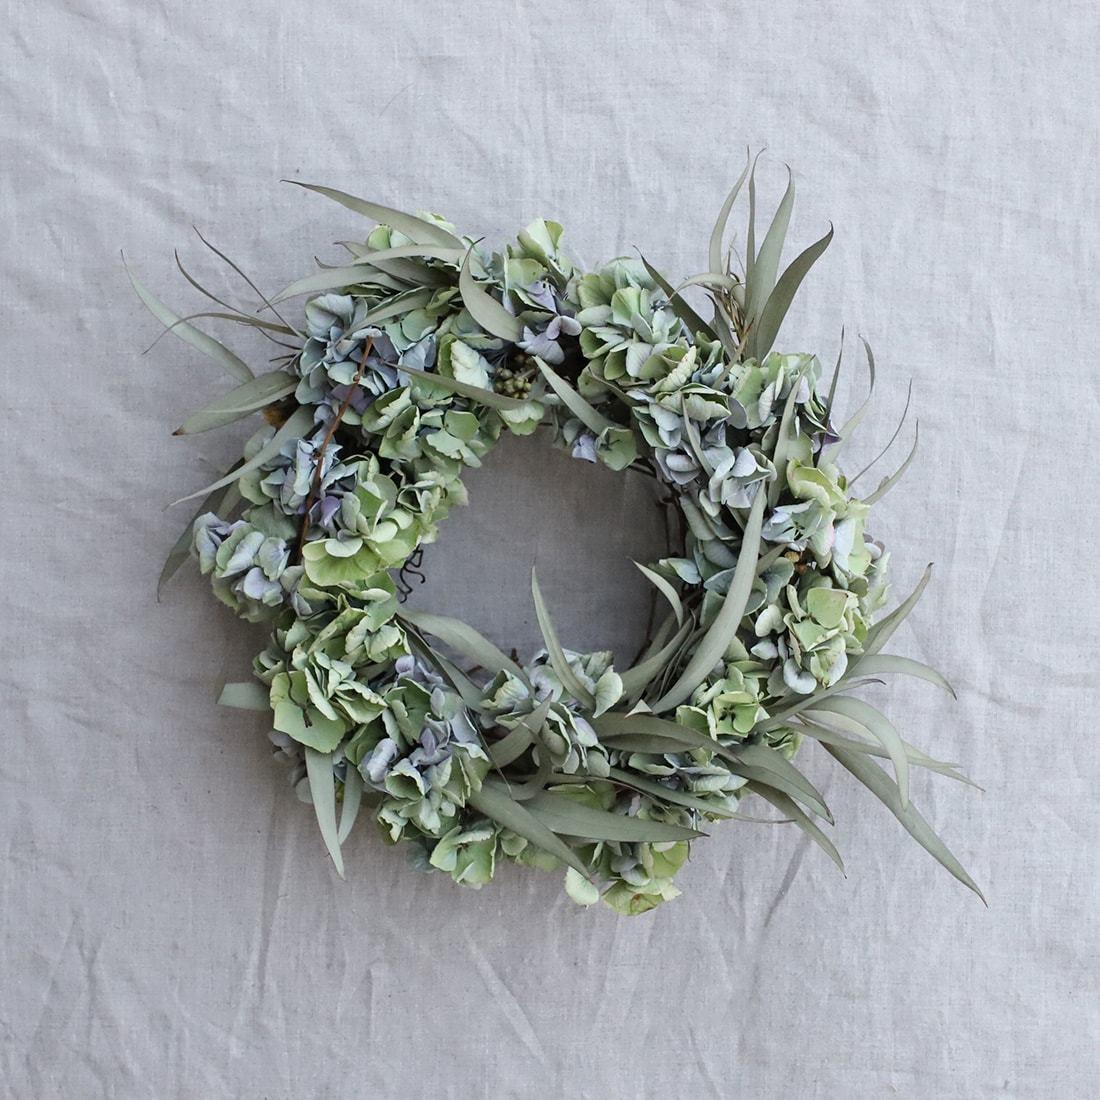 アジサイを生花の状態でリースにしてプレゼントして、そのままドライになる過程自体をプレゼント、なんていうのも素敵だと思います。